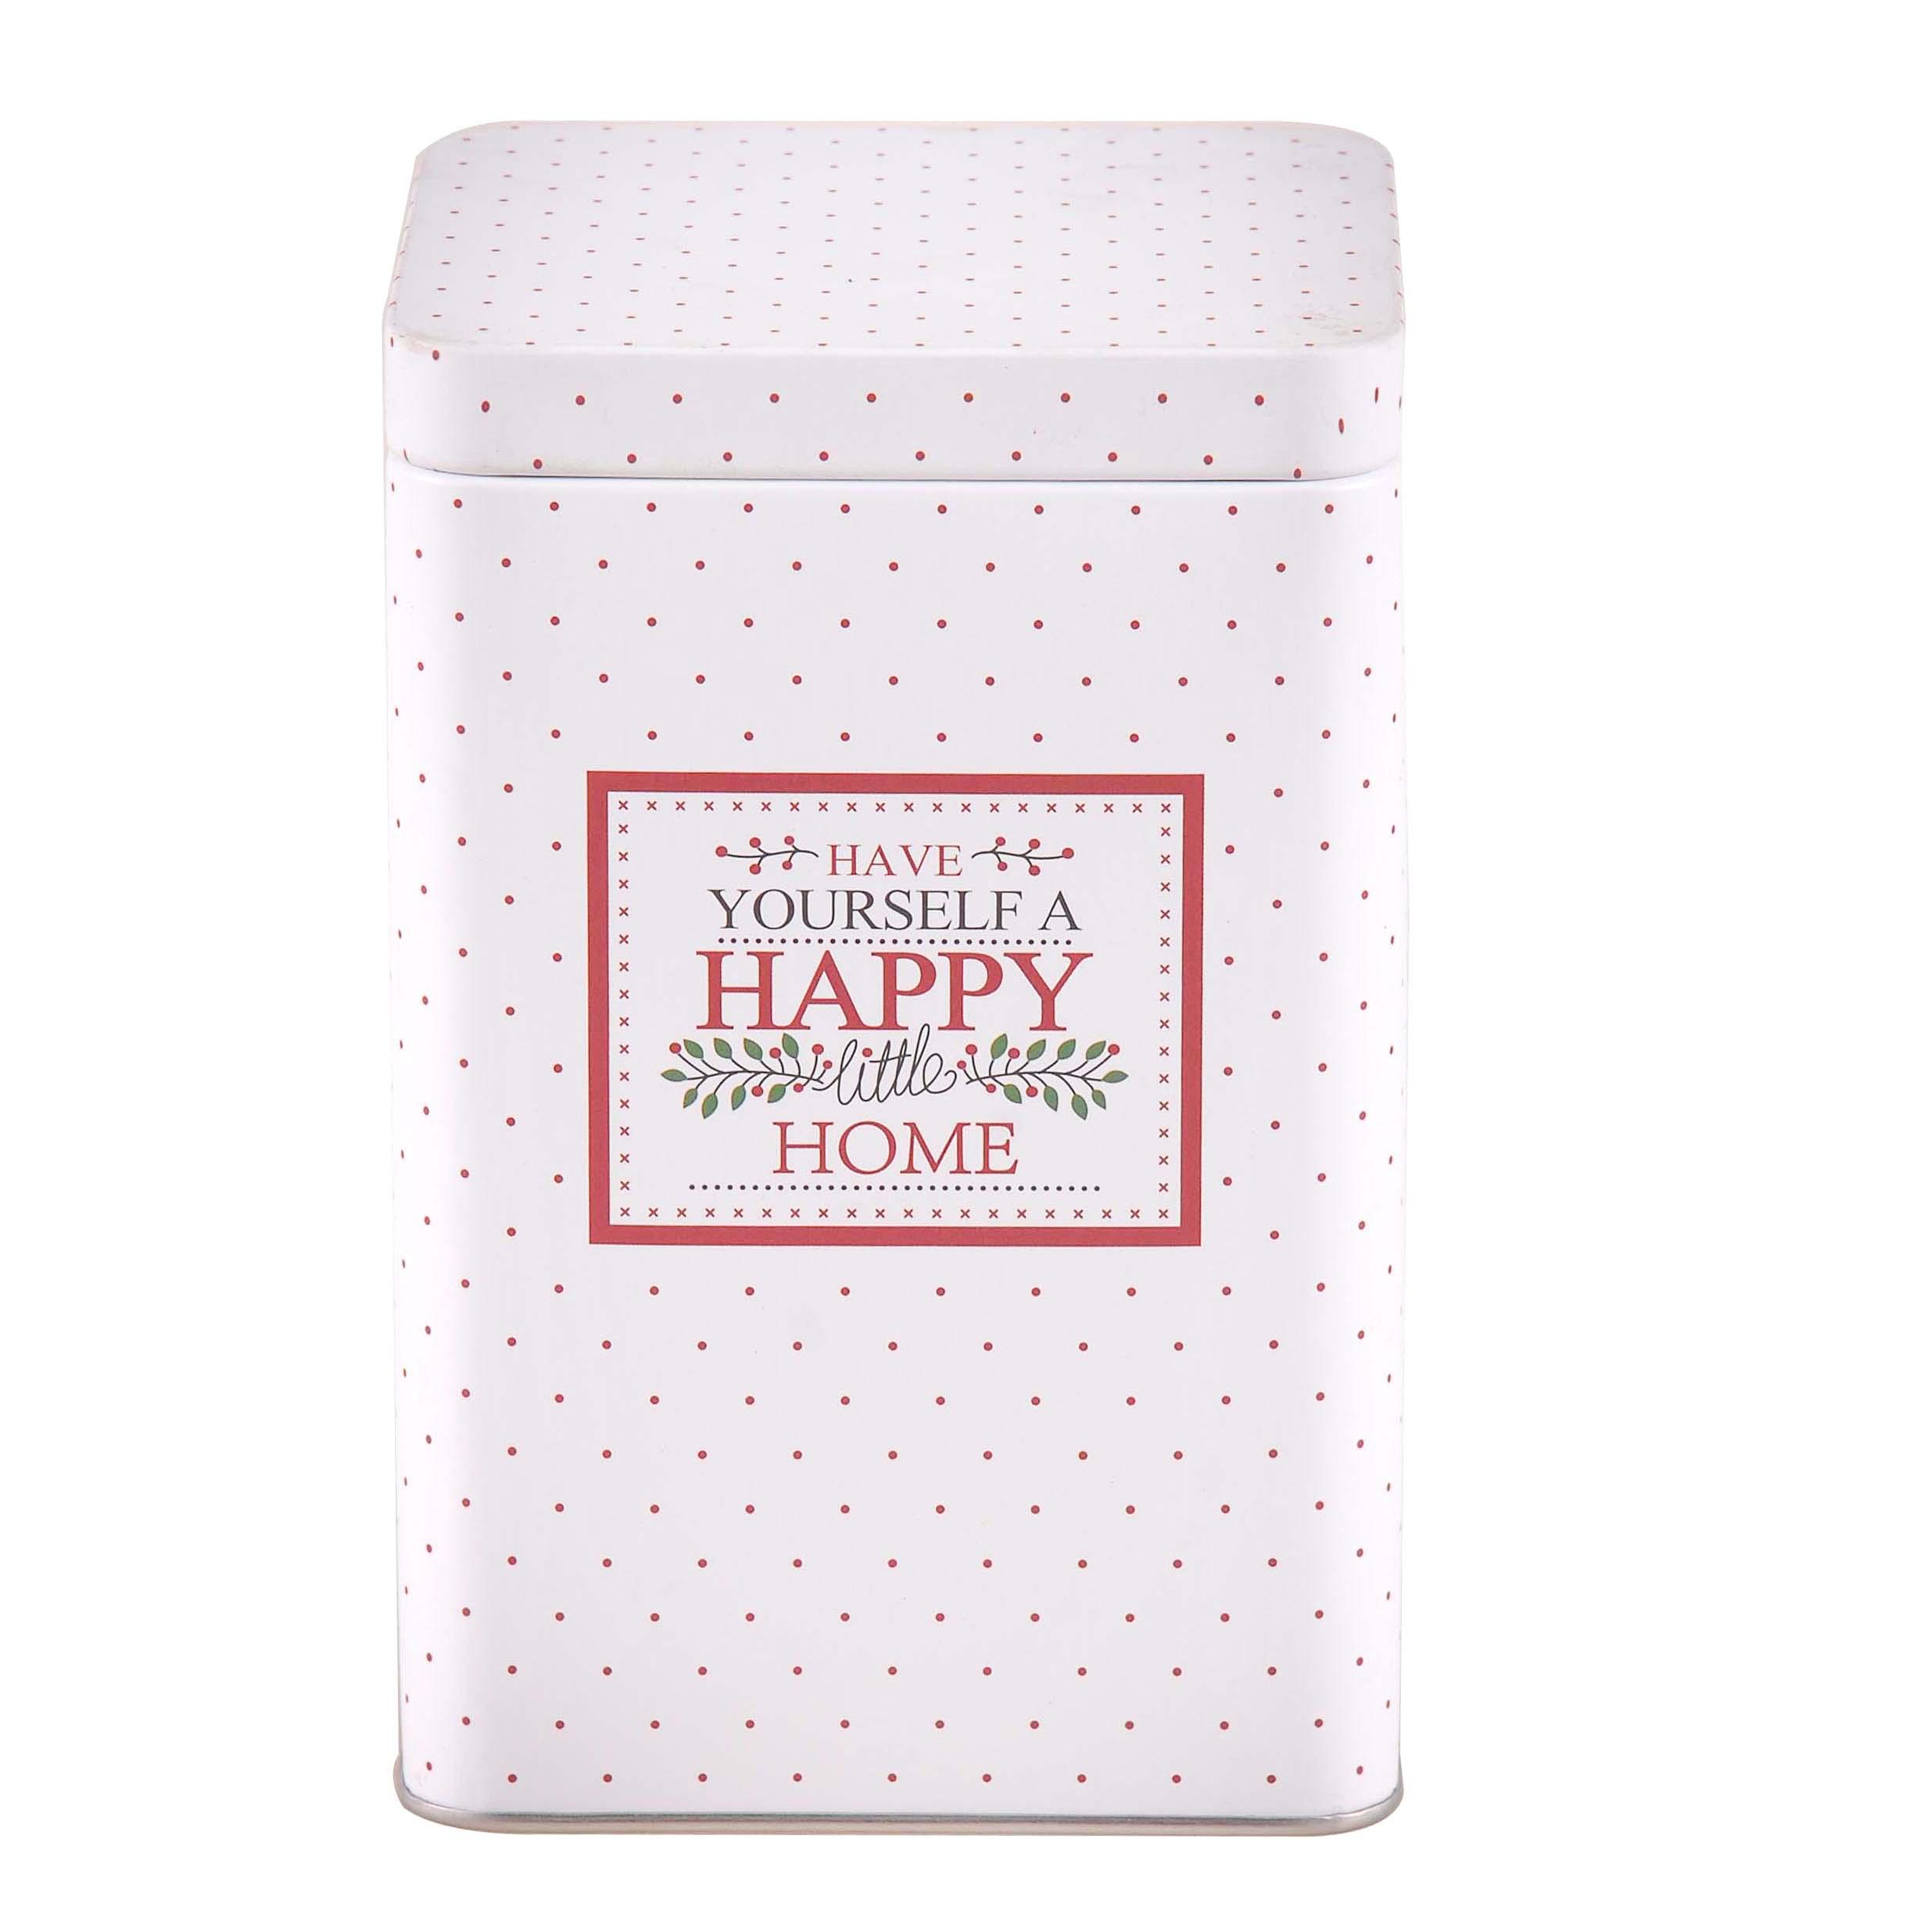 Puszka / pojemnik na kawę / herbatę / cukier / produkty sypkie z pokrywą kwadratowa Altom Design Victoria Home biała